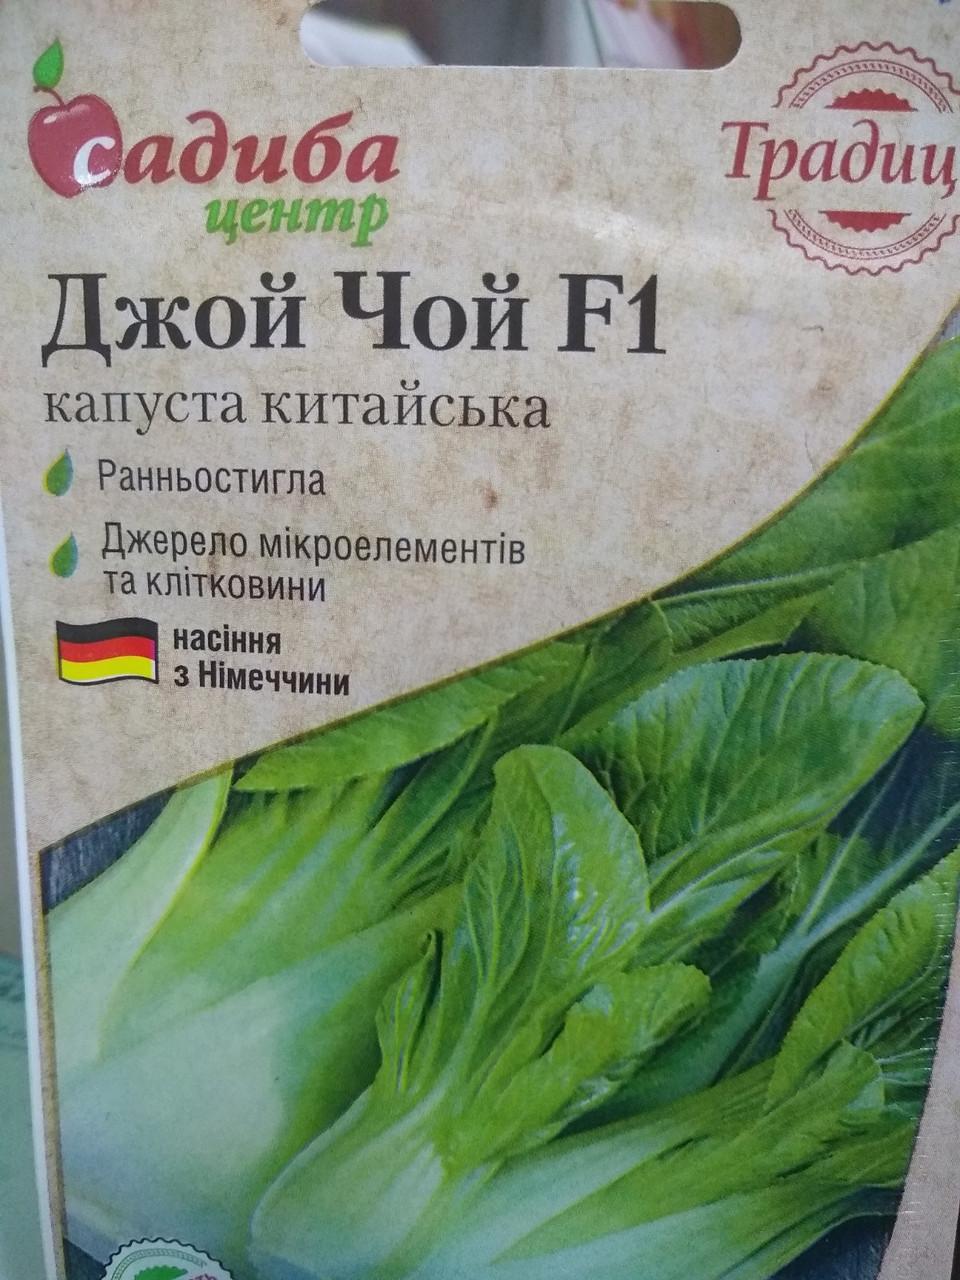 Семена Капуста китайская Джой Чой F1 ранняя листовая Германия